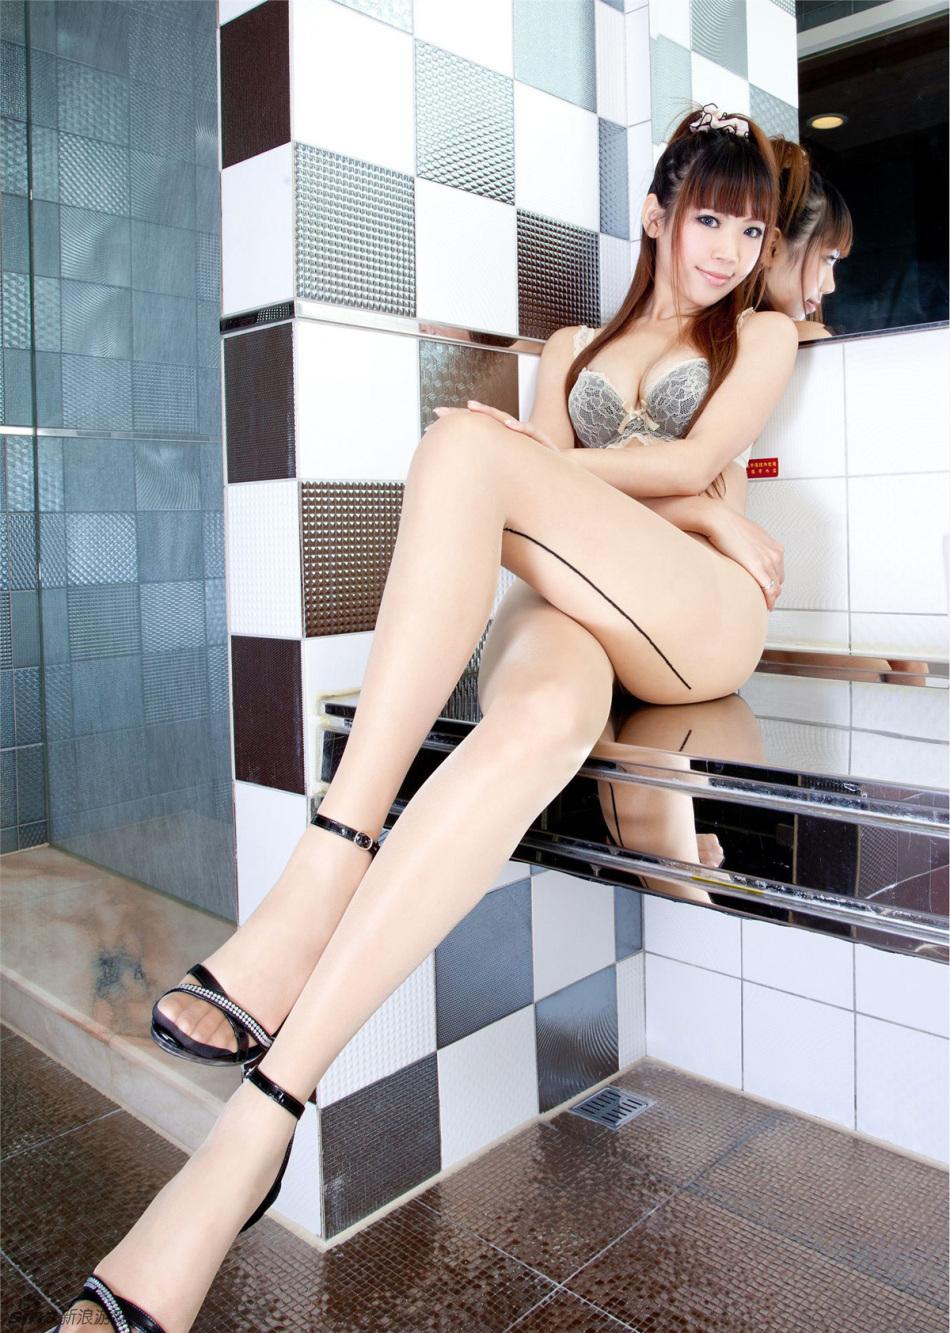 品性感丝袜美女腿模Evenni图片